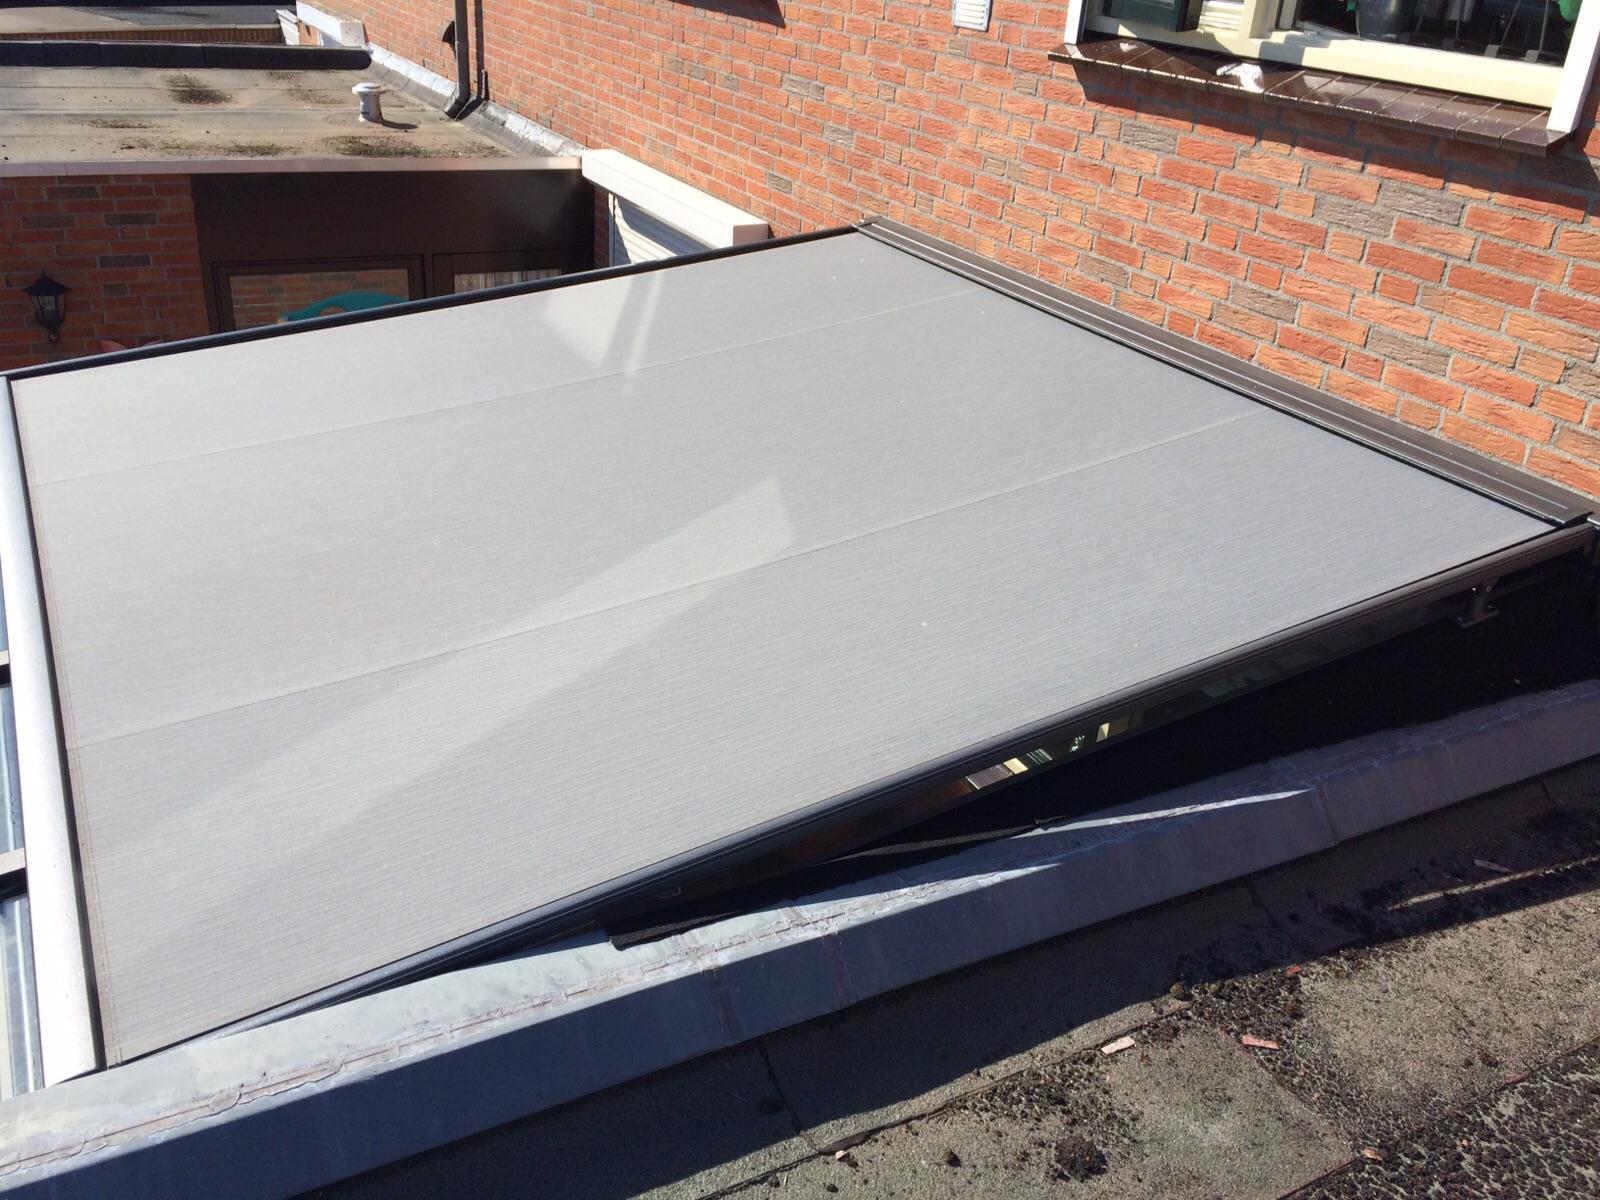 Grijze zonwering over glazen dak van serre